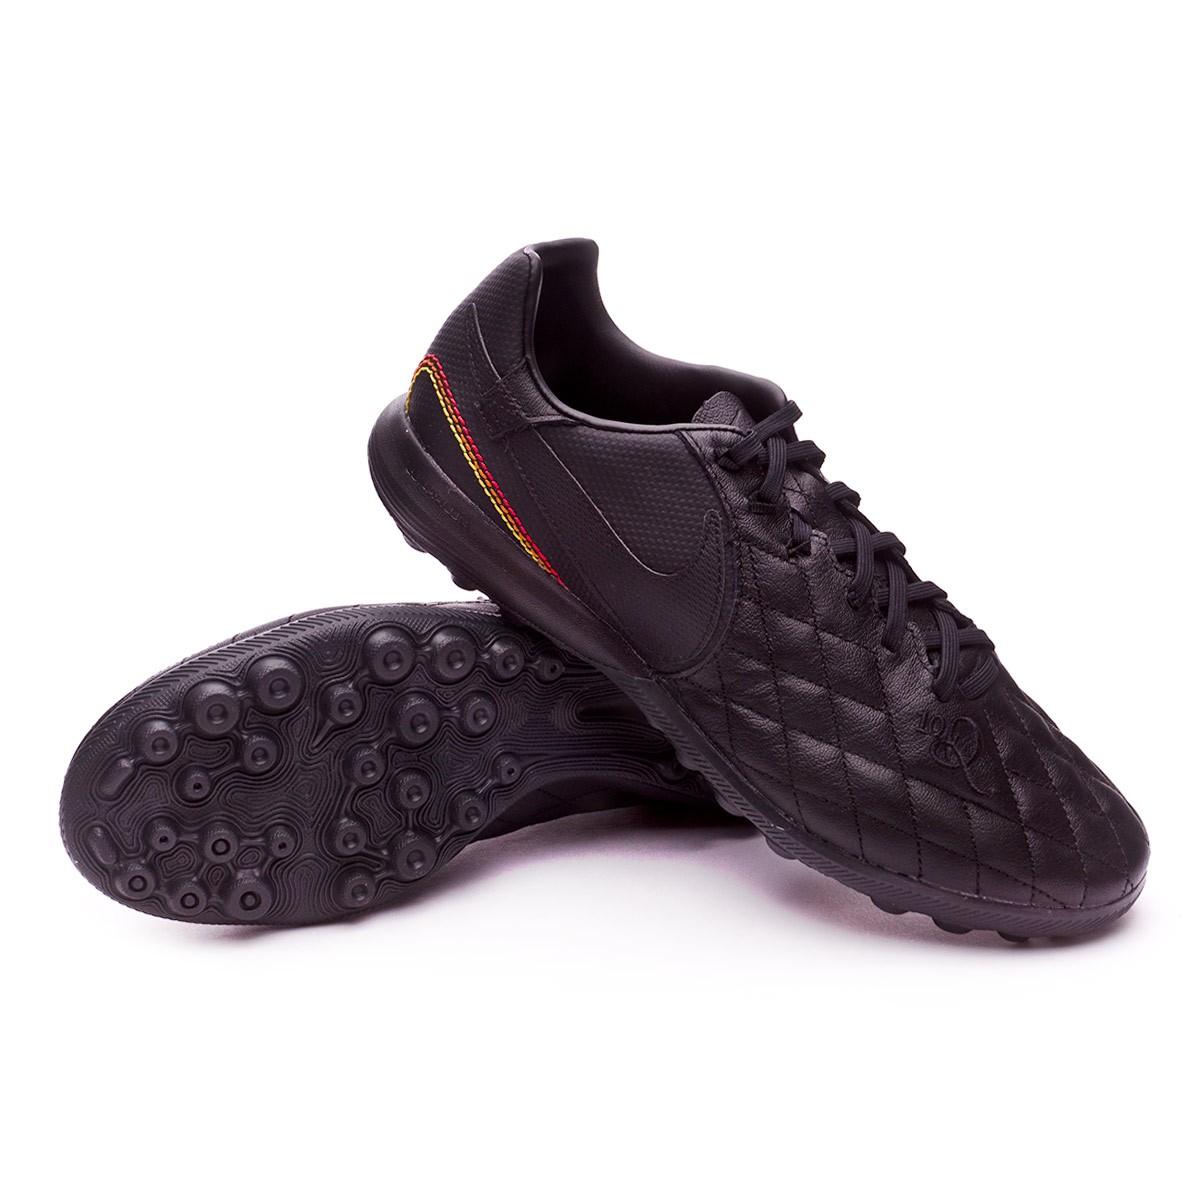 6a2185f2123 Football Boot Nike TiempoX Finale 10R Paris Turf Black-Metallic gold ...